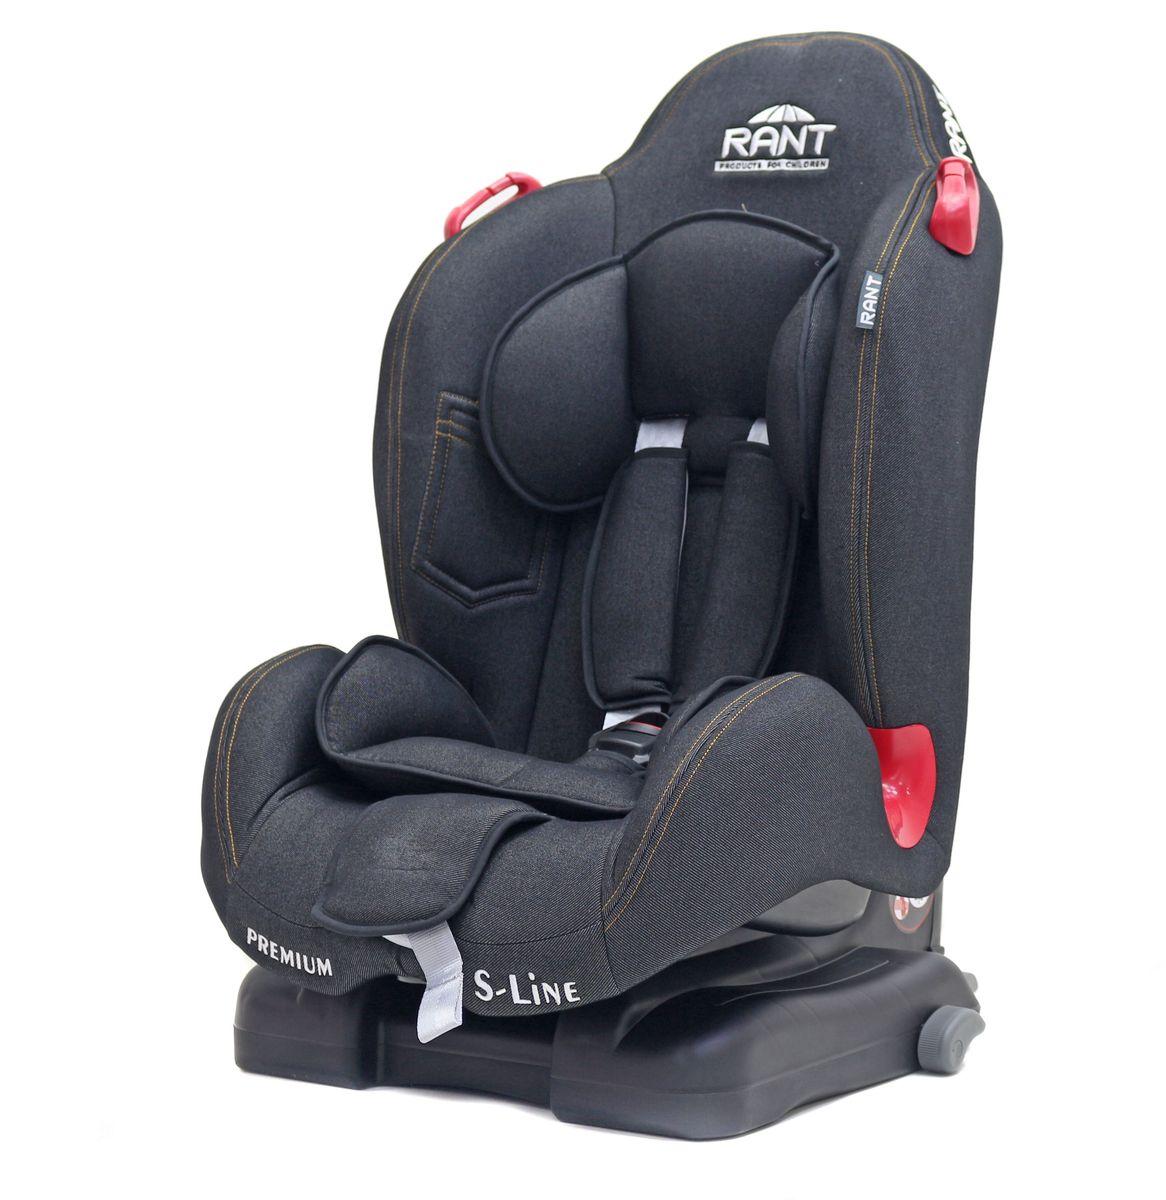 Rant Автокресло Premium Isofix цвет джинс от 9 до 25 кгДА-18/2+Н550СерияS-Line автокресло Premiumгруппа 1-2. Вес ребенка: 9-25 кг, возраст: от 09 мес. до 7 лет (ориентировочно), cистема крепления IsoFix, устанавливается по ходу движения автомобиля, пятиточечный ремень безопасности с мягкими плечевыми накладками и антискользящими нашивками, 4-х ступенчатая настройка высоты подголовника, корректировка высоты ремня безопасности по уровню подголовника, 3 положения наклона корпуса, устойчивая база, фиксатор высоты штатных ремней безопасности, дополнительная боковая защита, съемный чехол, мягкий съемный вкладыш для малыша, сертификат Европейского Стандарта Безопасности ЕCE R44/04.